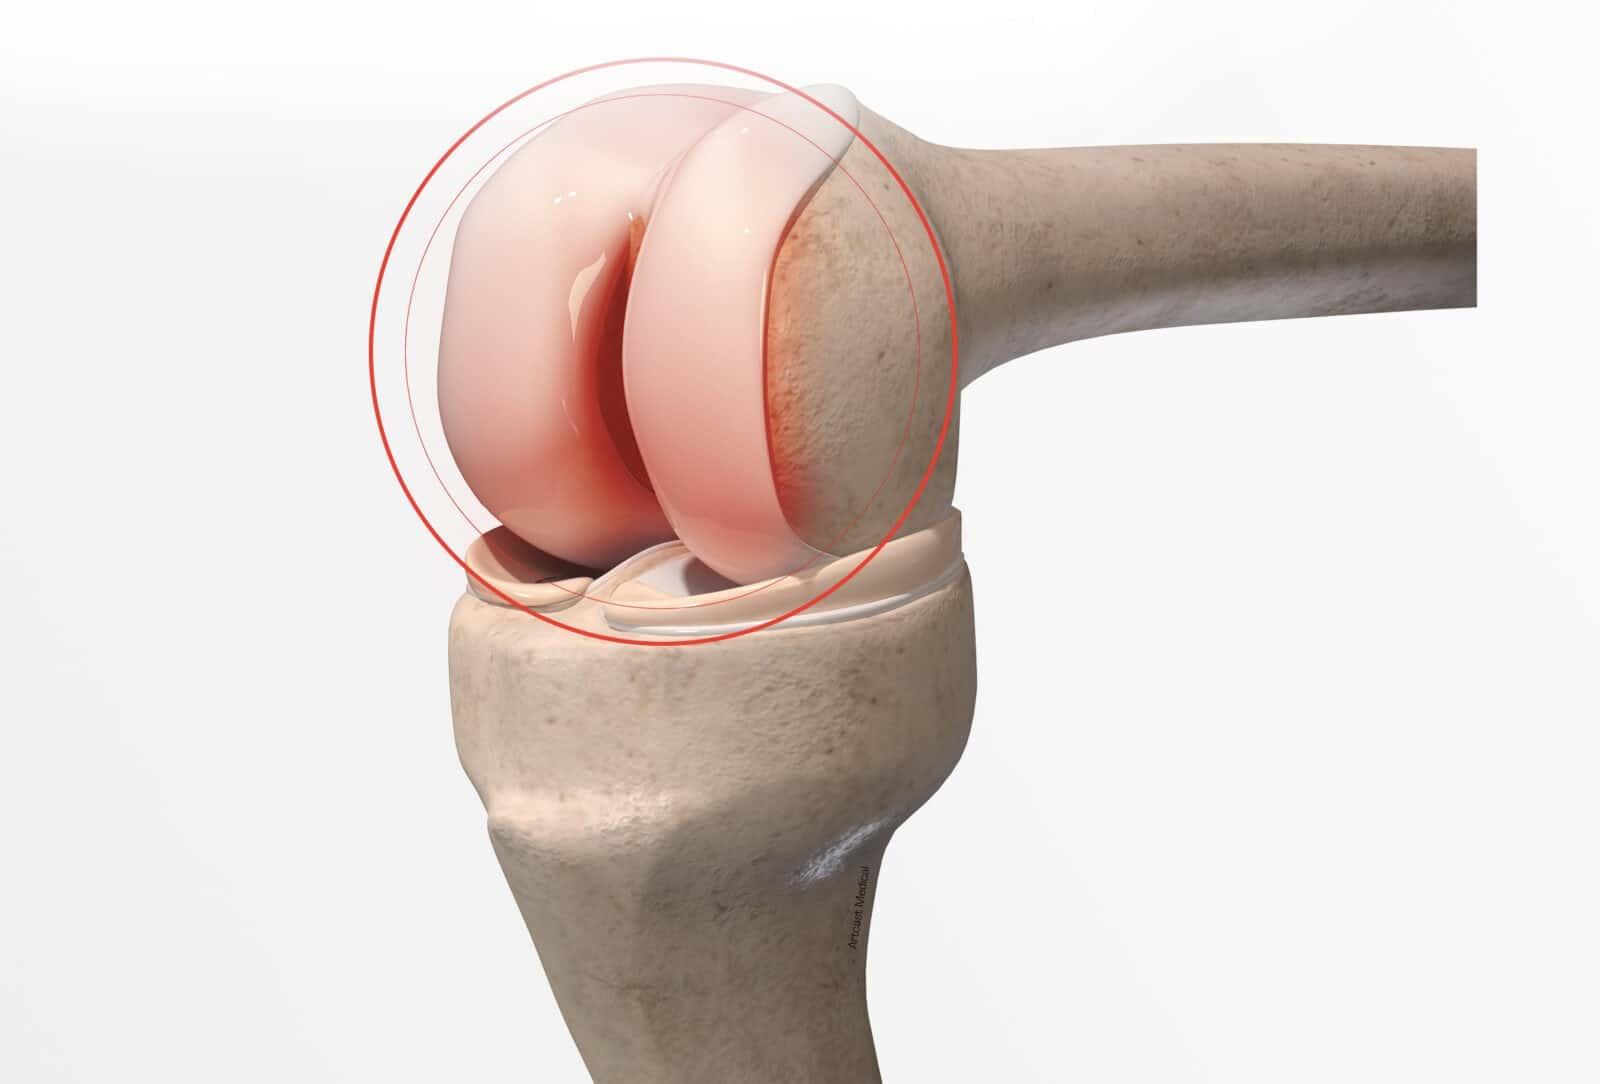 Nécrose du condyle interne du genou: Diagnostic et traitement à Paris - Dr Paillard